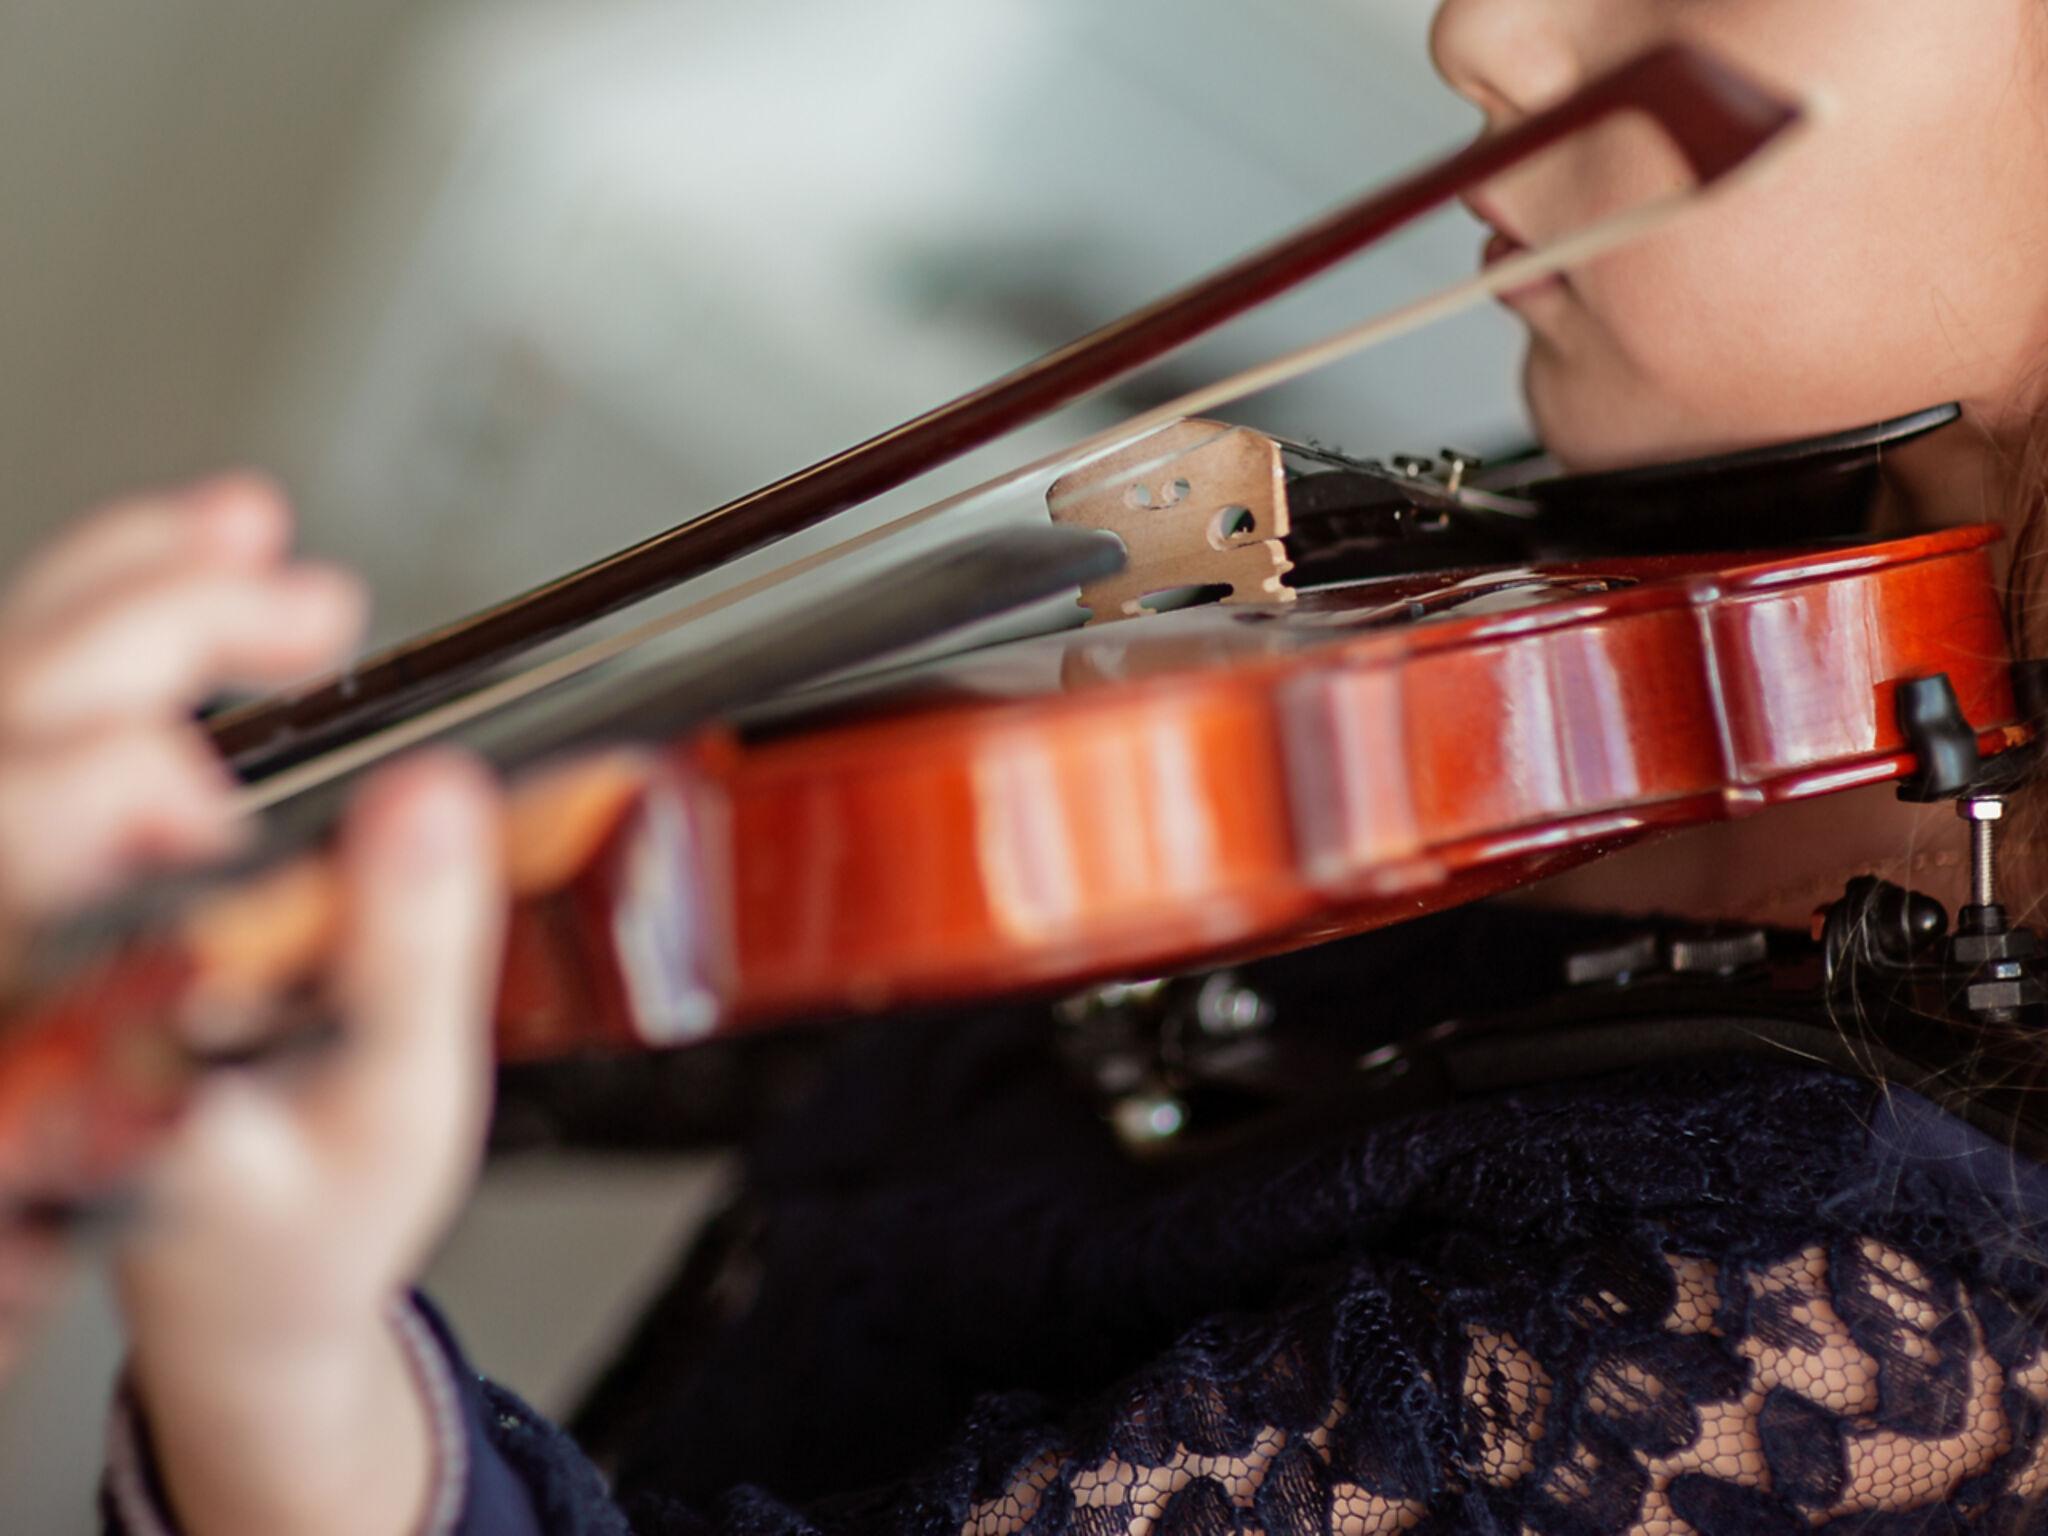 女の子がヴァイオリンを弾いている画像